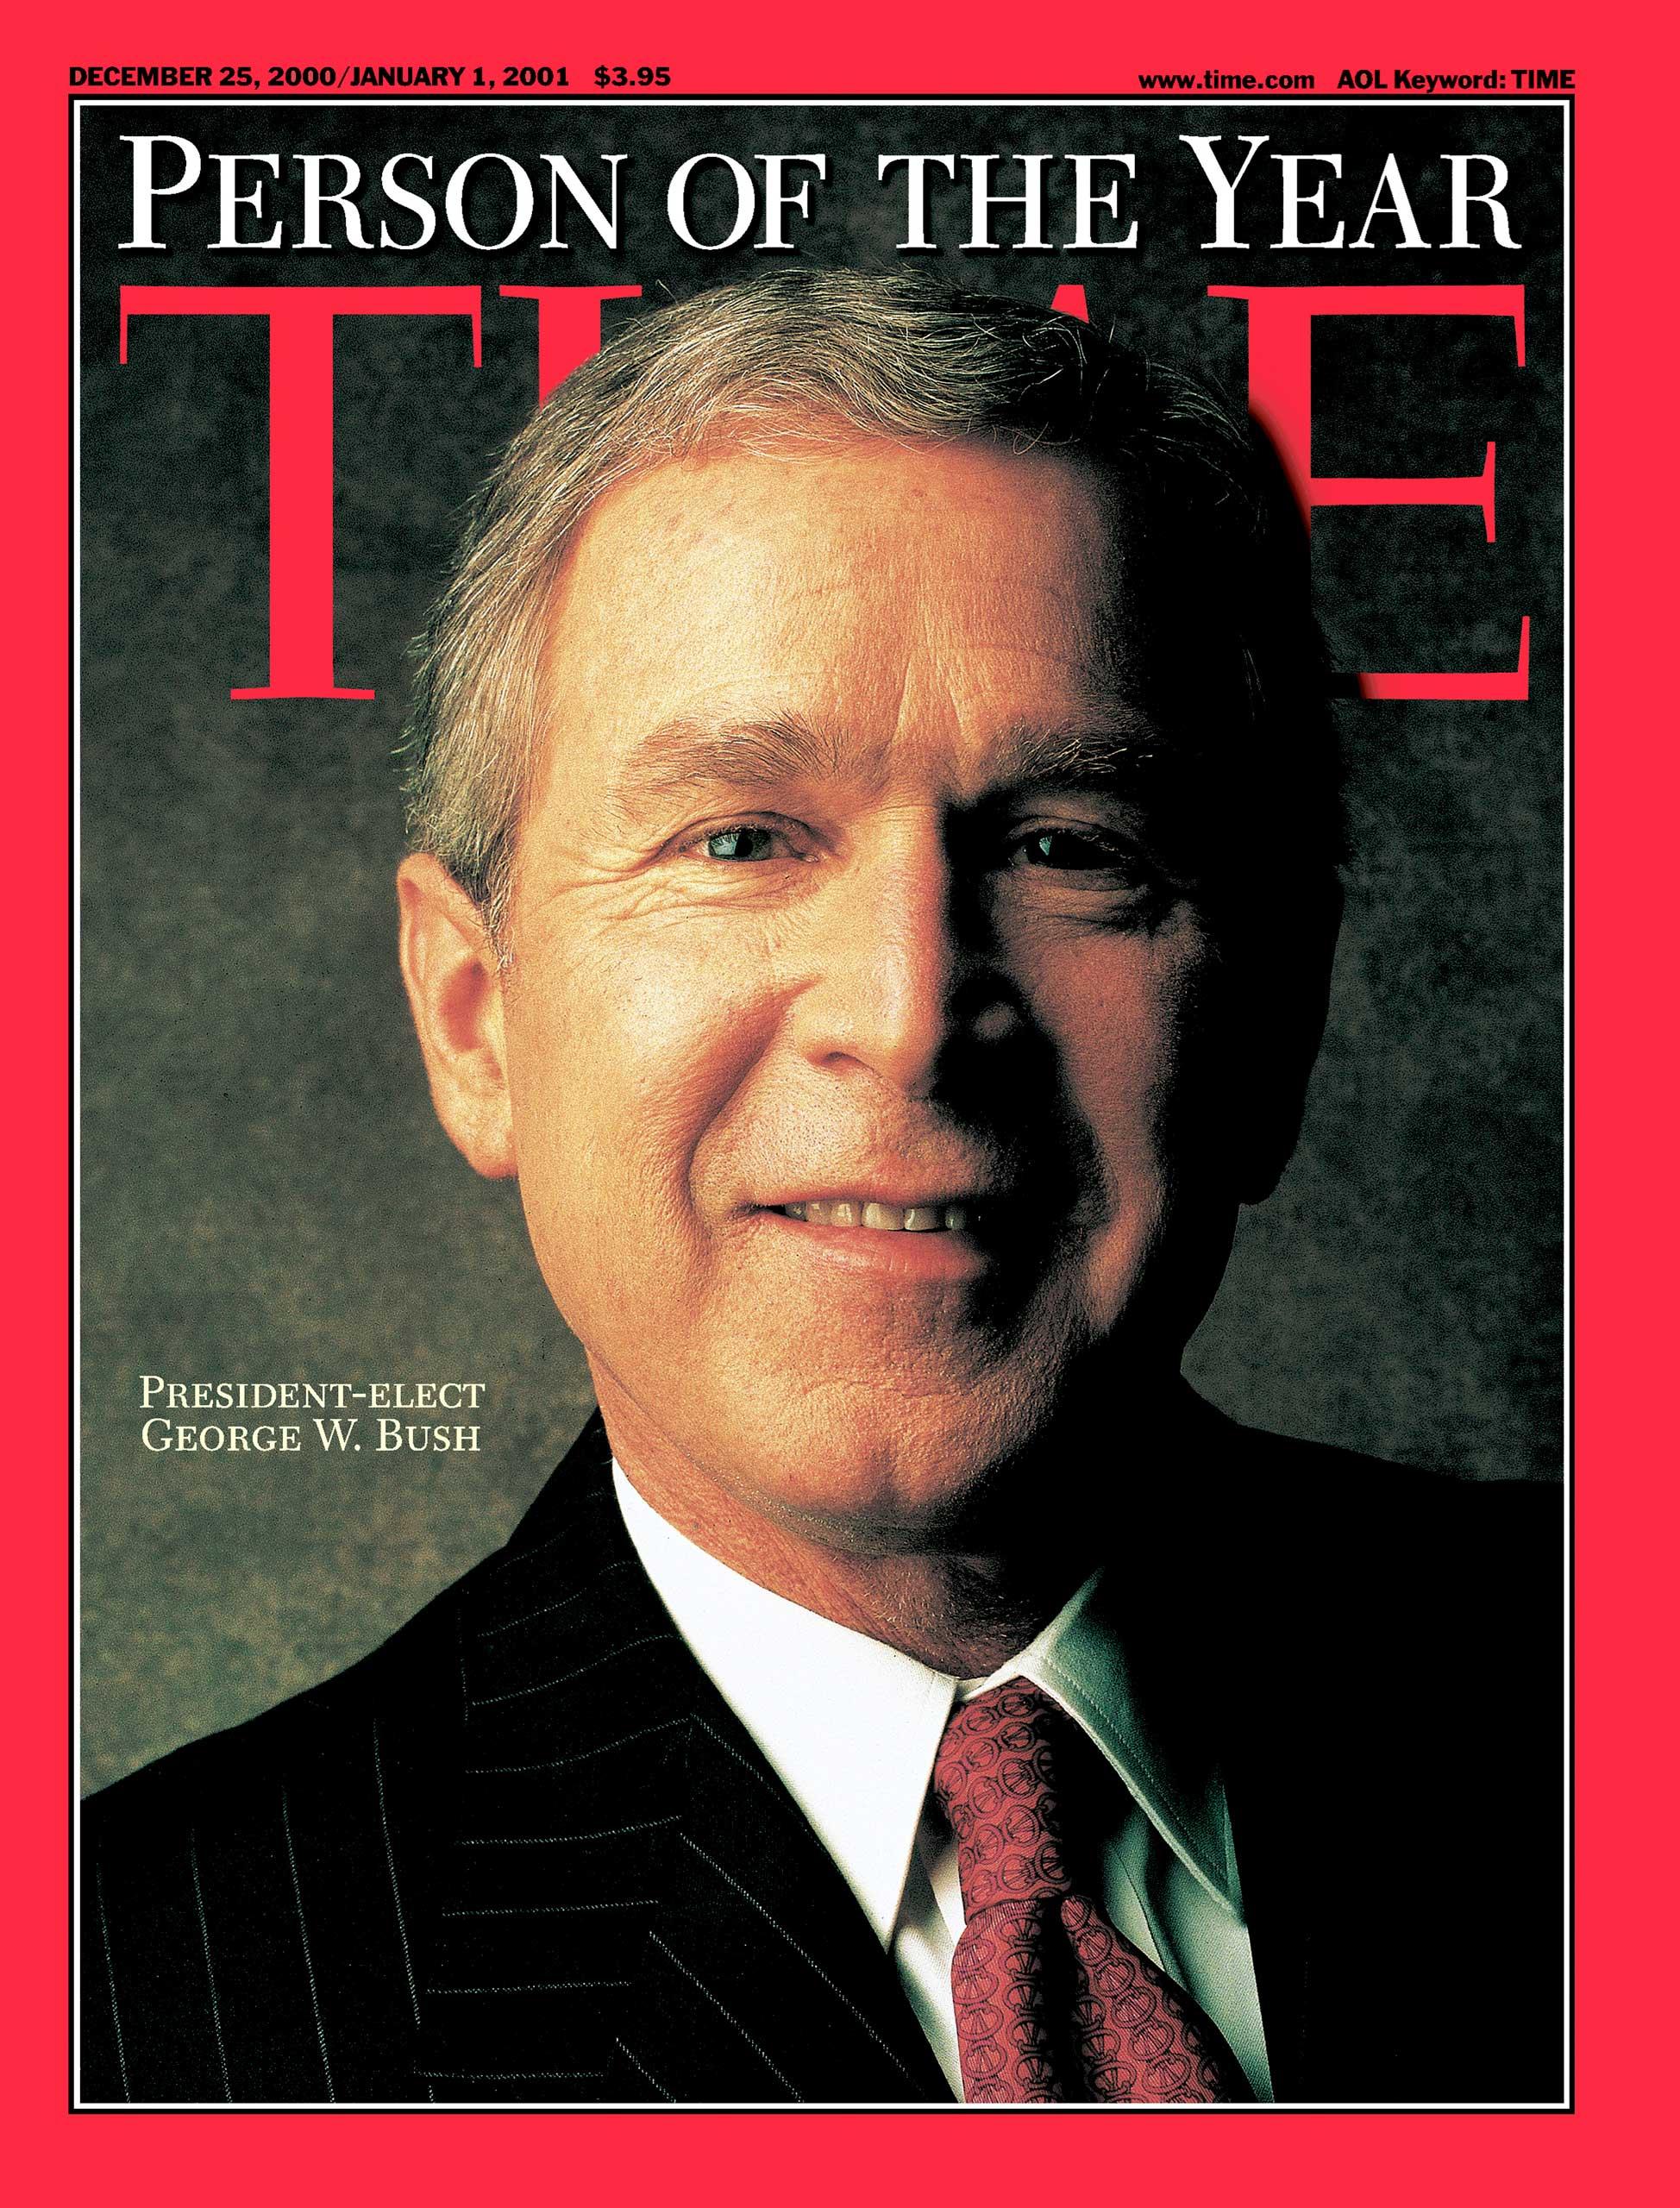 2000: President George W. Bush